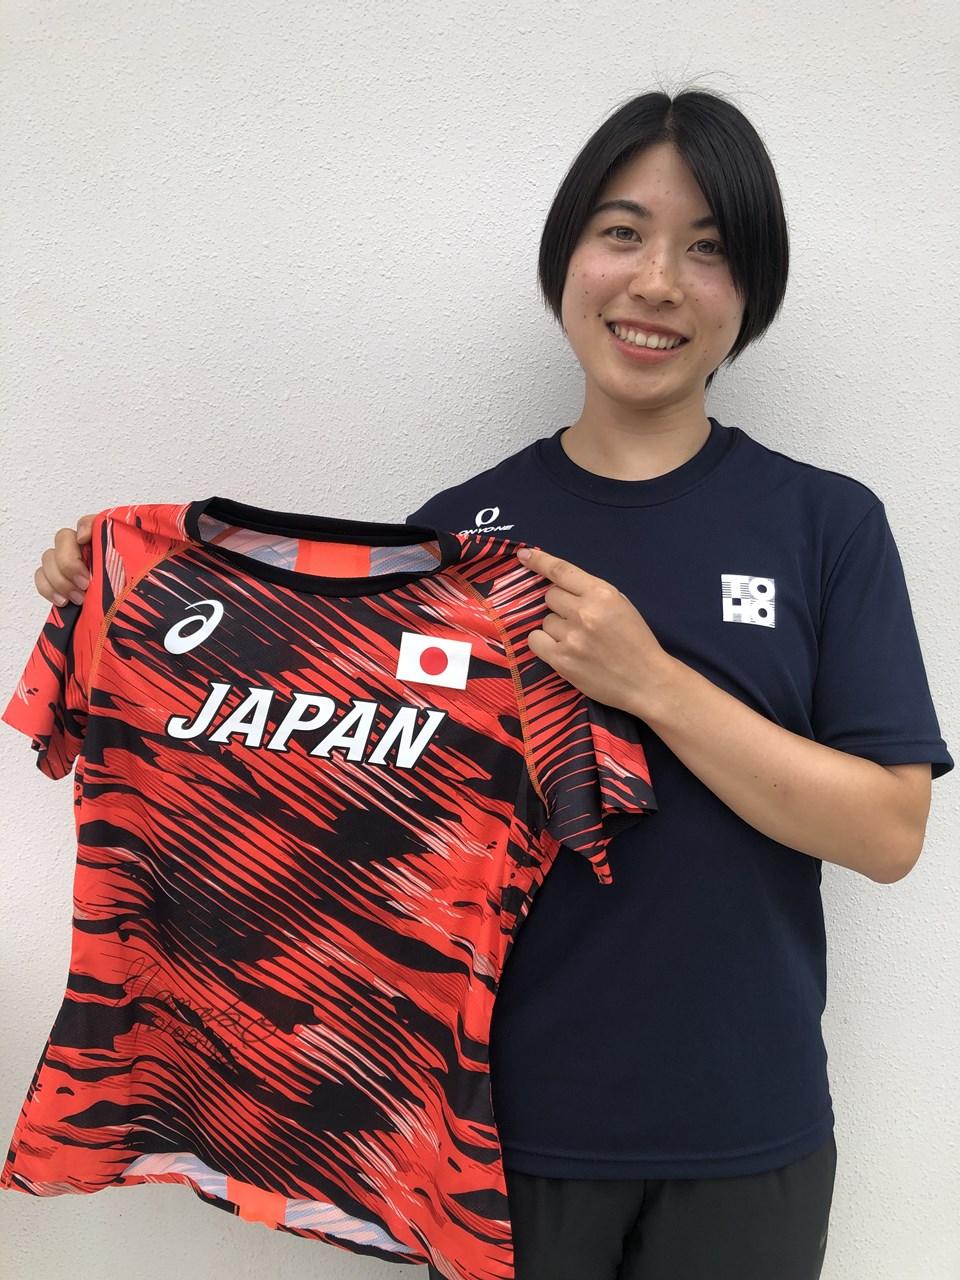 【日本陸連公式】松本 奈菜子 選手